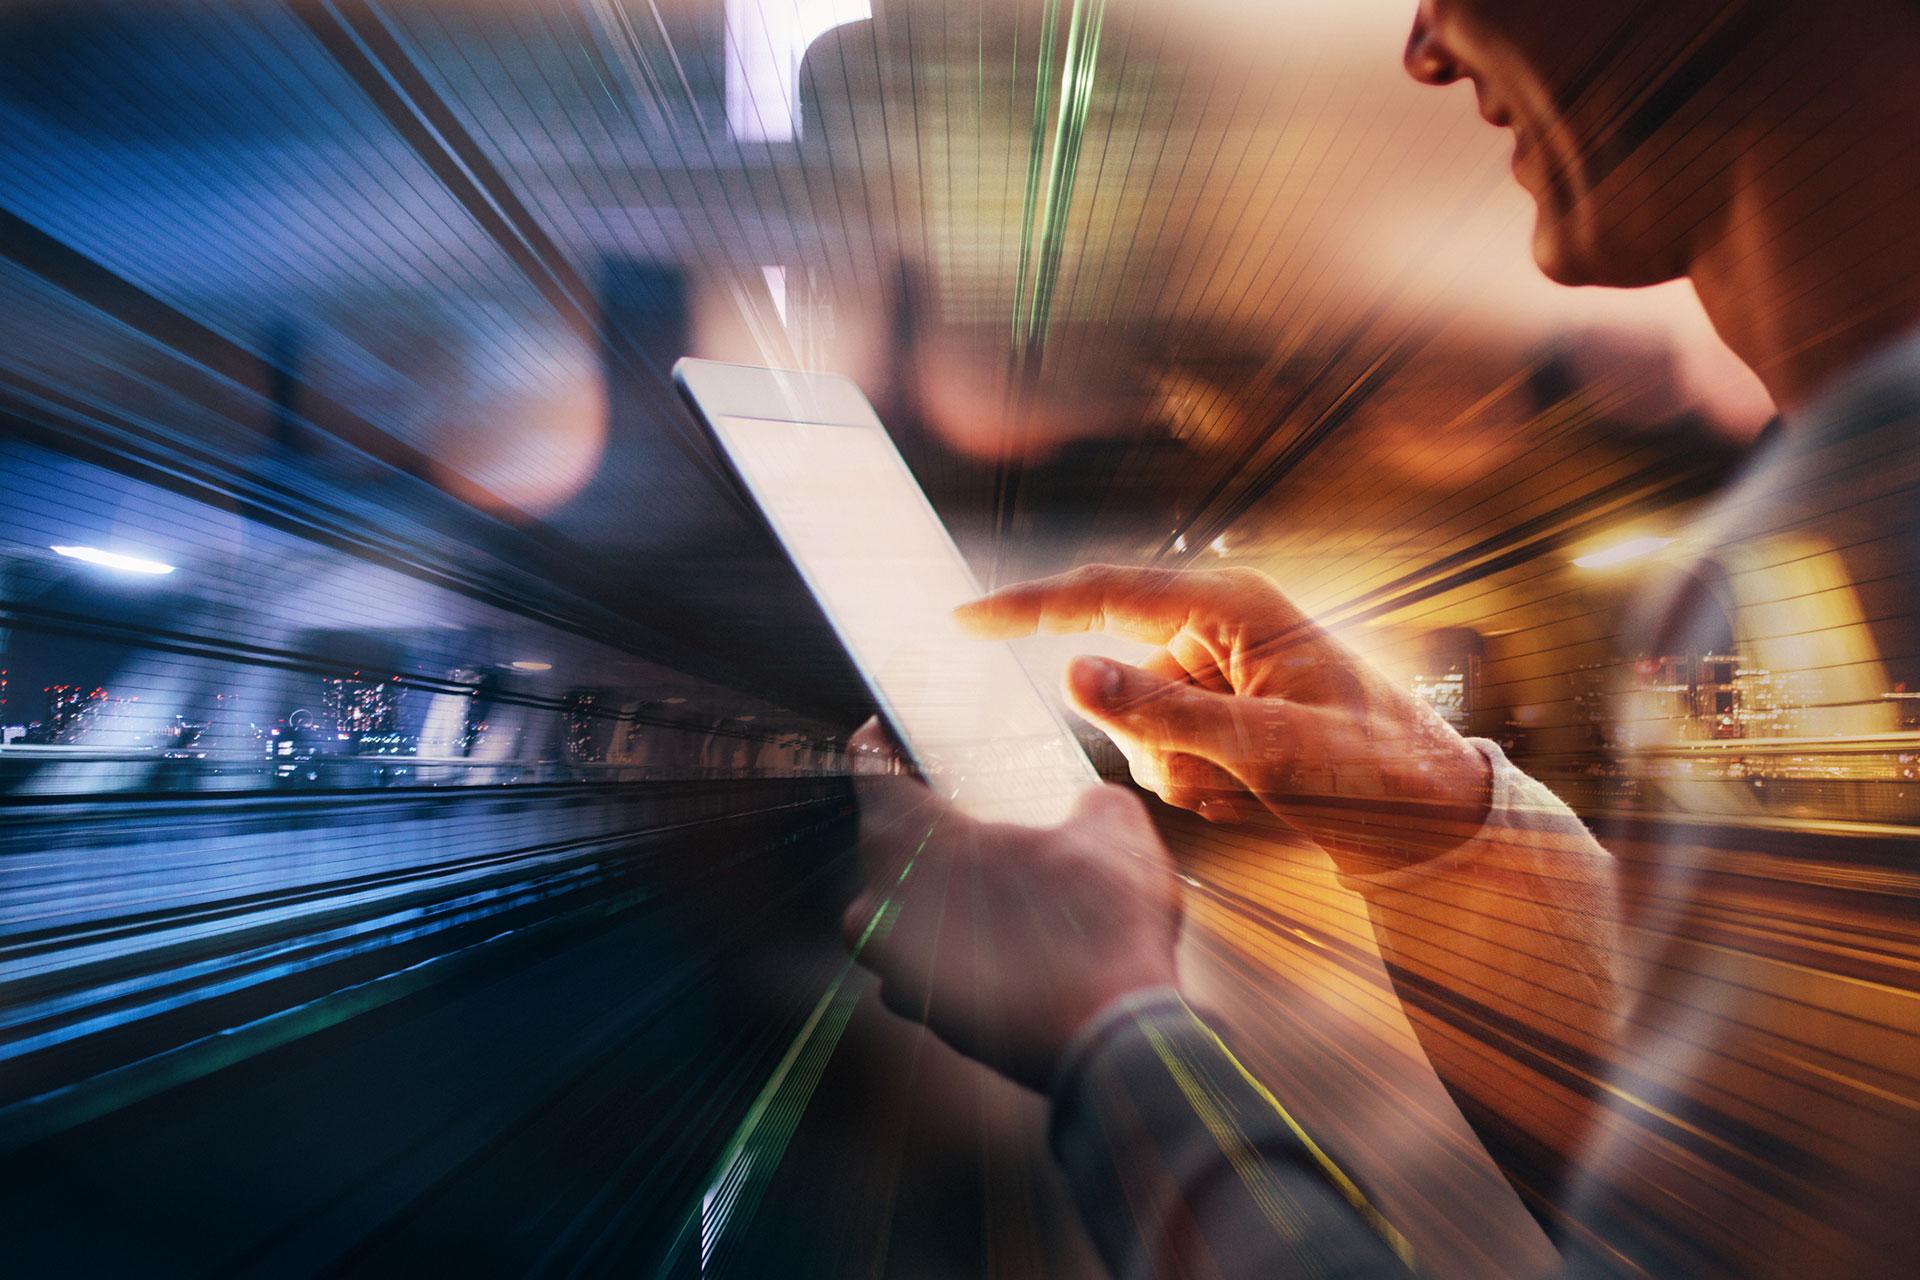 Birçok Ülkede Mobil İnternet, Wi-Fi Bağlantıdan Daha Hızlı